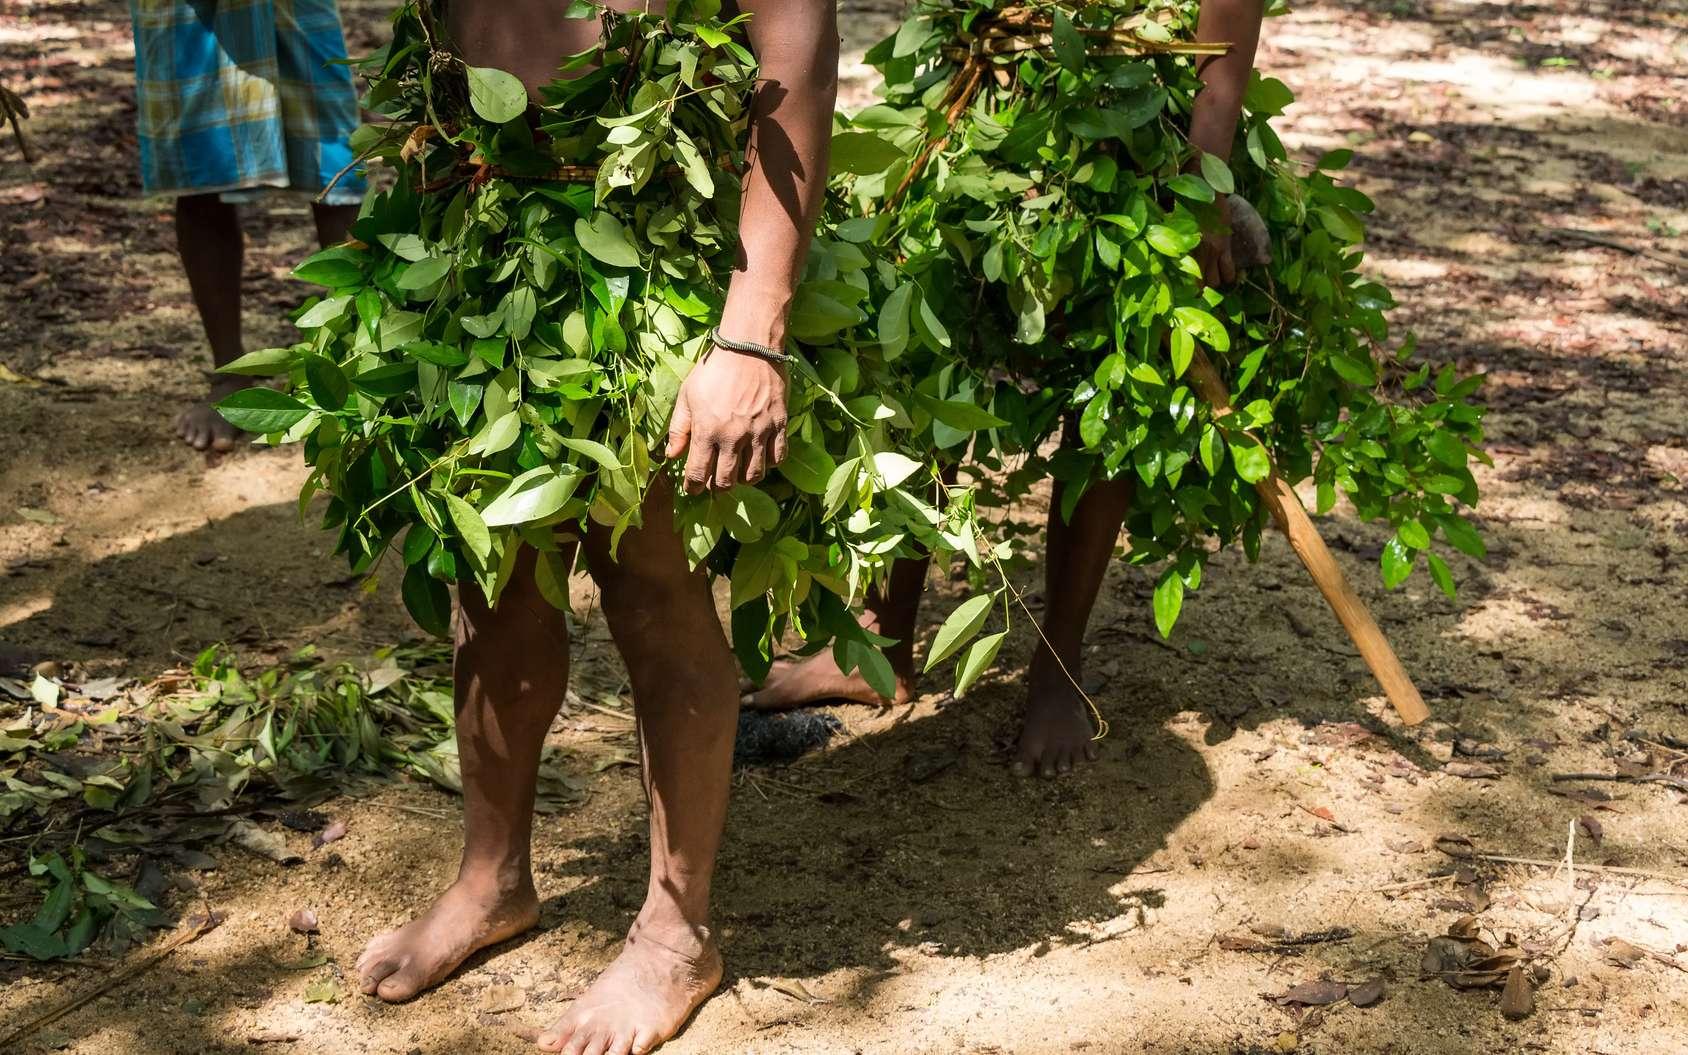 Les hommes préhistoriques en Asie du sud-est auraient fait preuve de créativité et d'innovation en fabriquant leurs outils en matière végétale au lieu de tailler la pierre. Il pourrait donc s'agir d'une civilisation du végétal. Ici, des chasseurs Vedda, peuple indigène du Sri Lanka. © greentellect, Fotolia